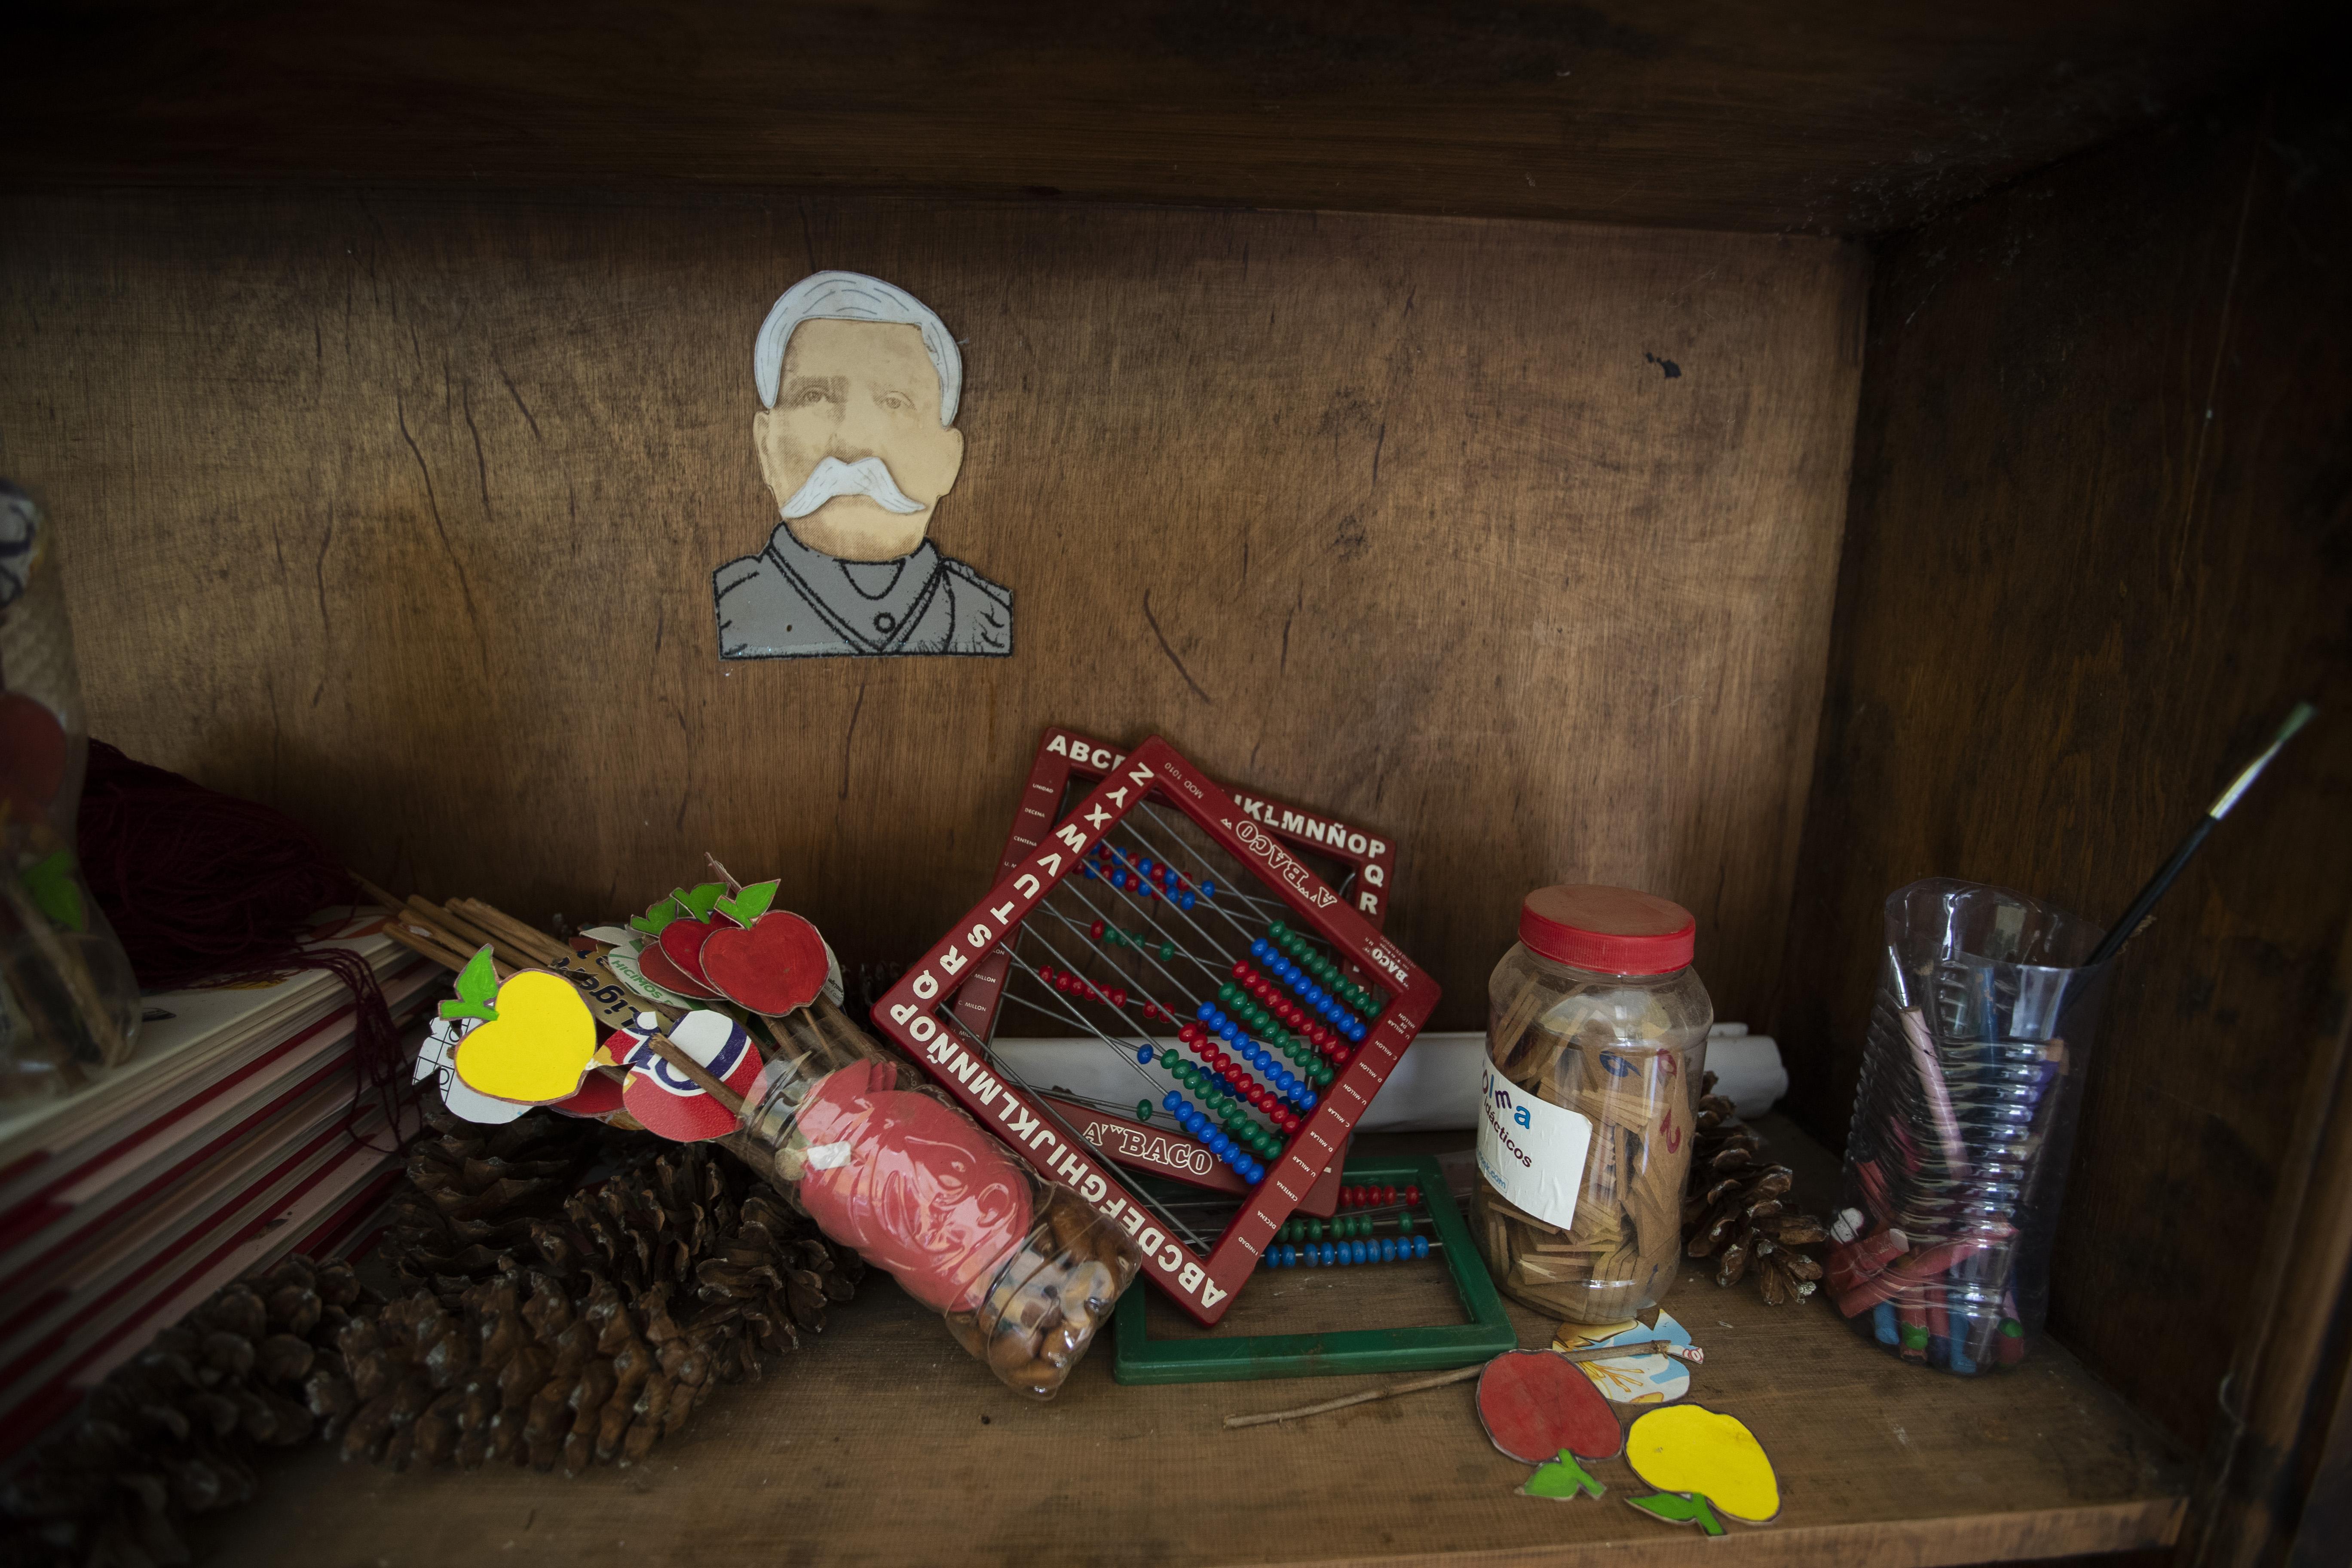 Los materiales escolares sin usar yacían en un estante decorado con una imagen del general Porfirio Díaz, quien fue presidente de México de 1848 a 1876, en una escuela en la comunidad de Nuevo Yibeljoj, estado de Chiapas, México, el viernes 11 de septiembre de 2020.